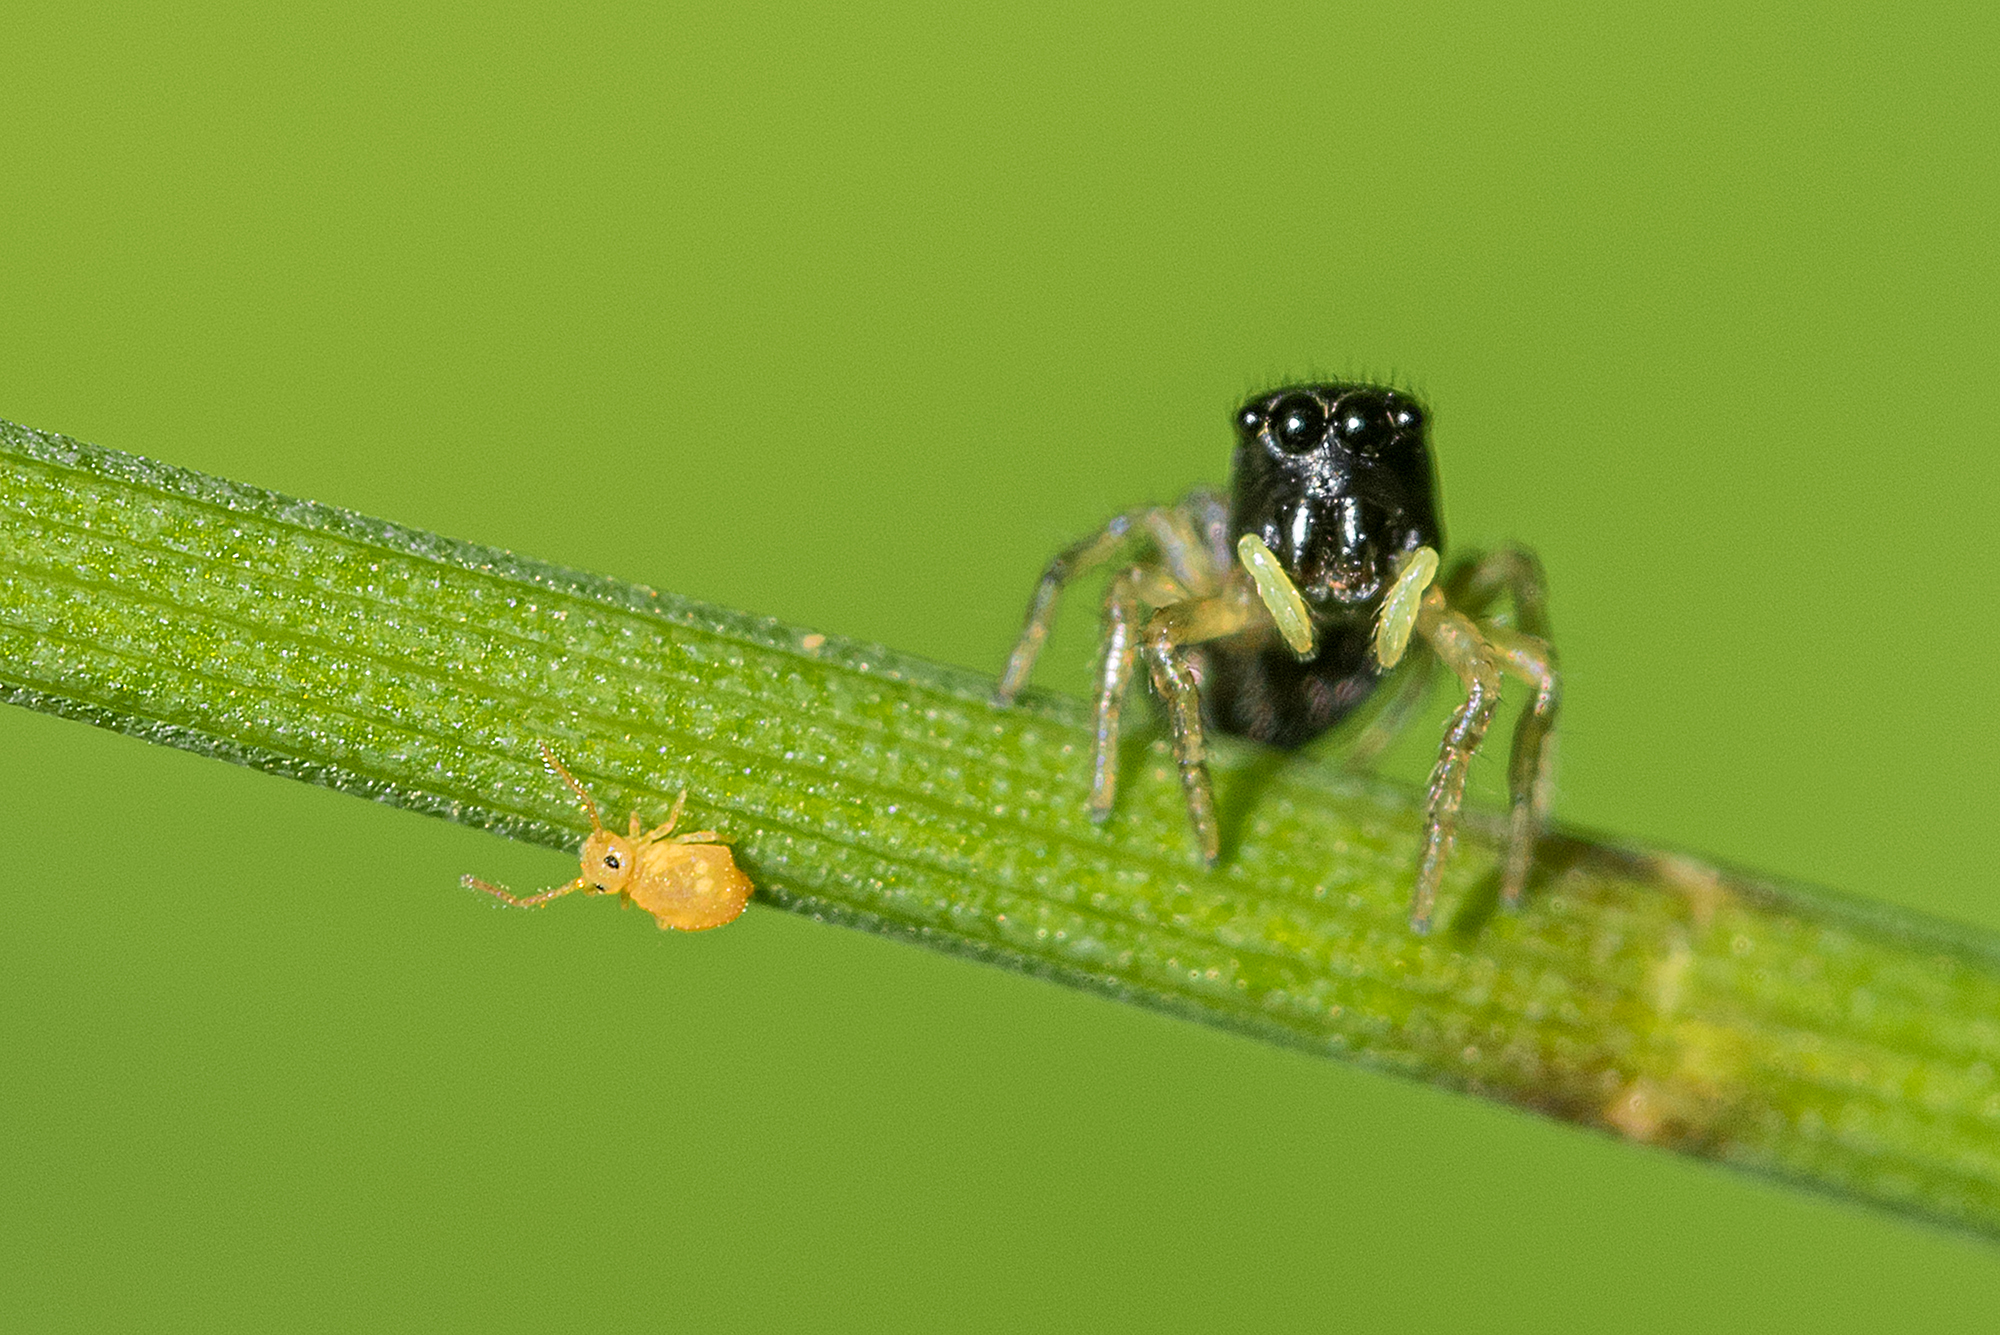 Portrait en macrophotographie d'une araignée sauteuse (Saltique héliophanus) à la chasse à la collembole